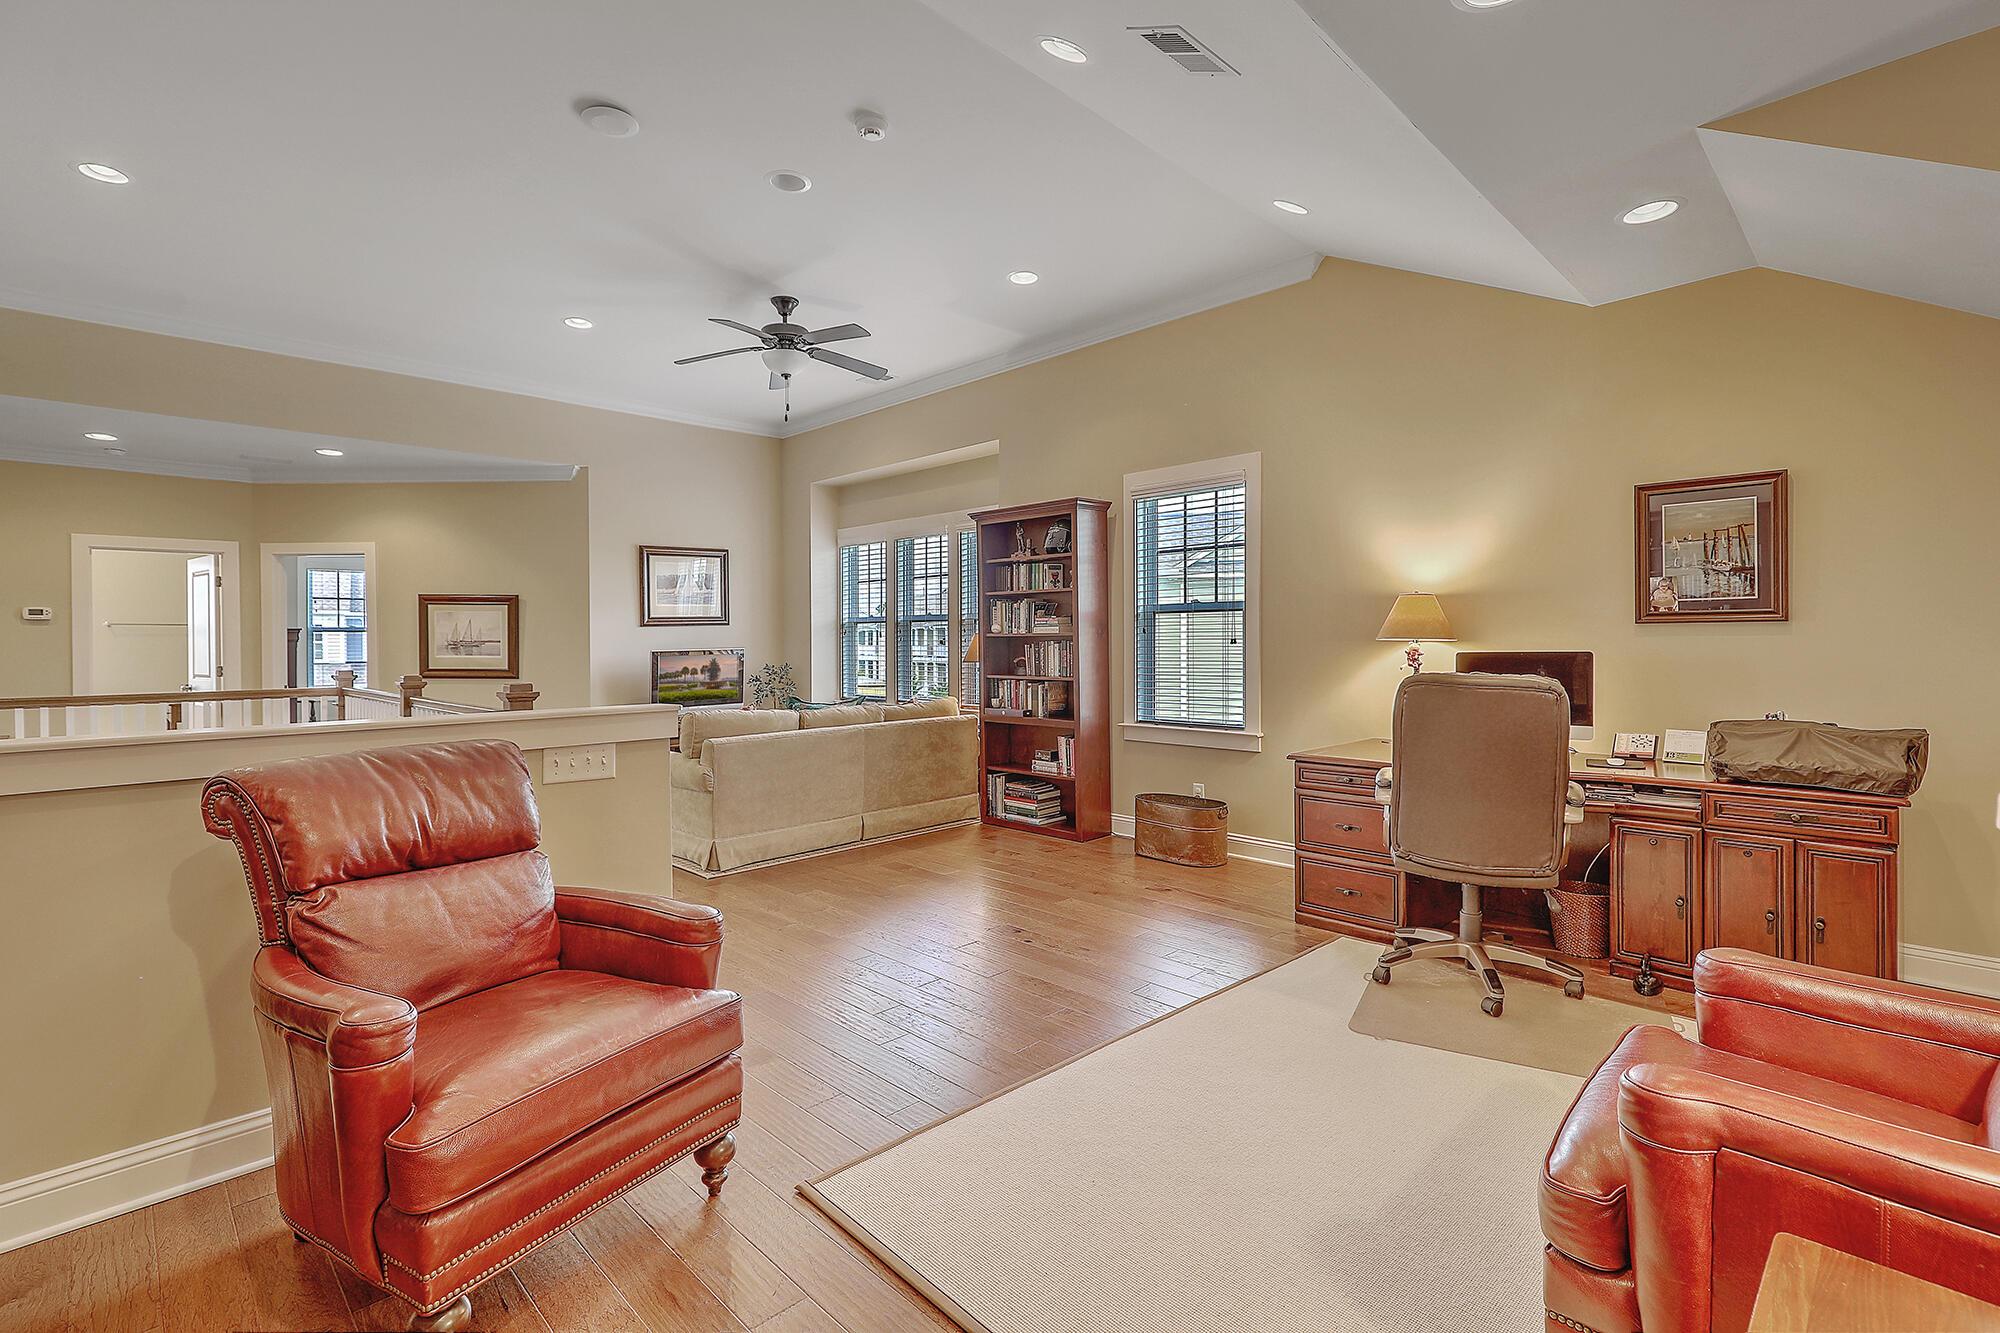 Dunes West Homes For Sale - 3171 Sturbridge, Mount Pleasant, SC - 36